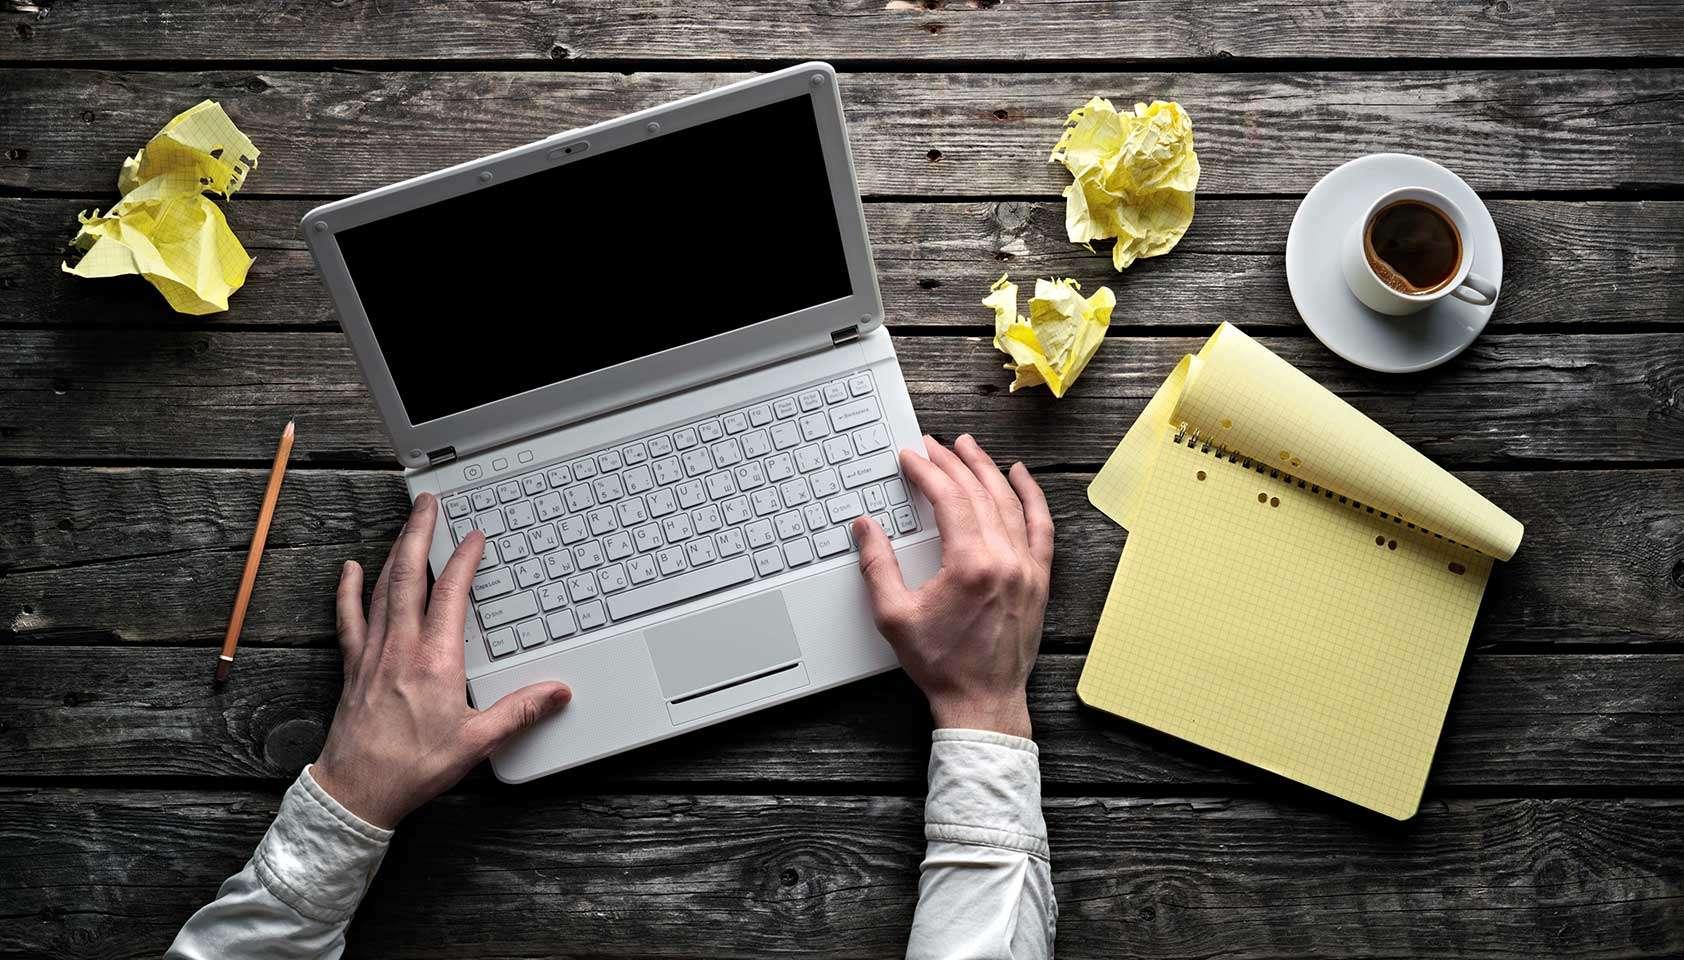 scrivere un post efficace: impostare una struttura di testo chiara e piacevole.